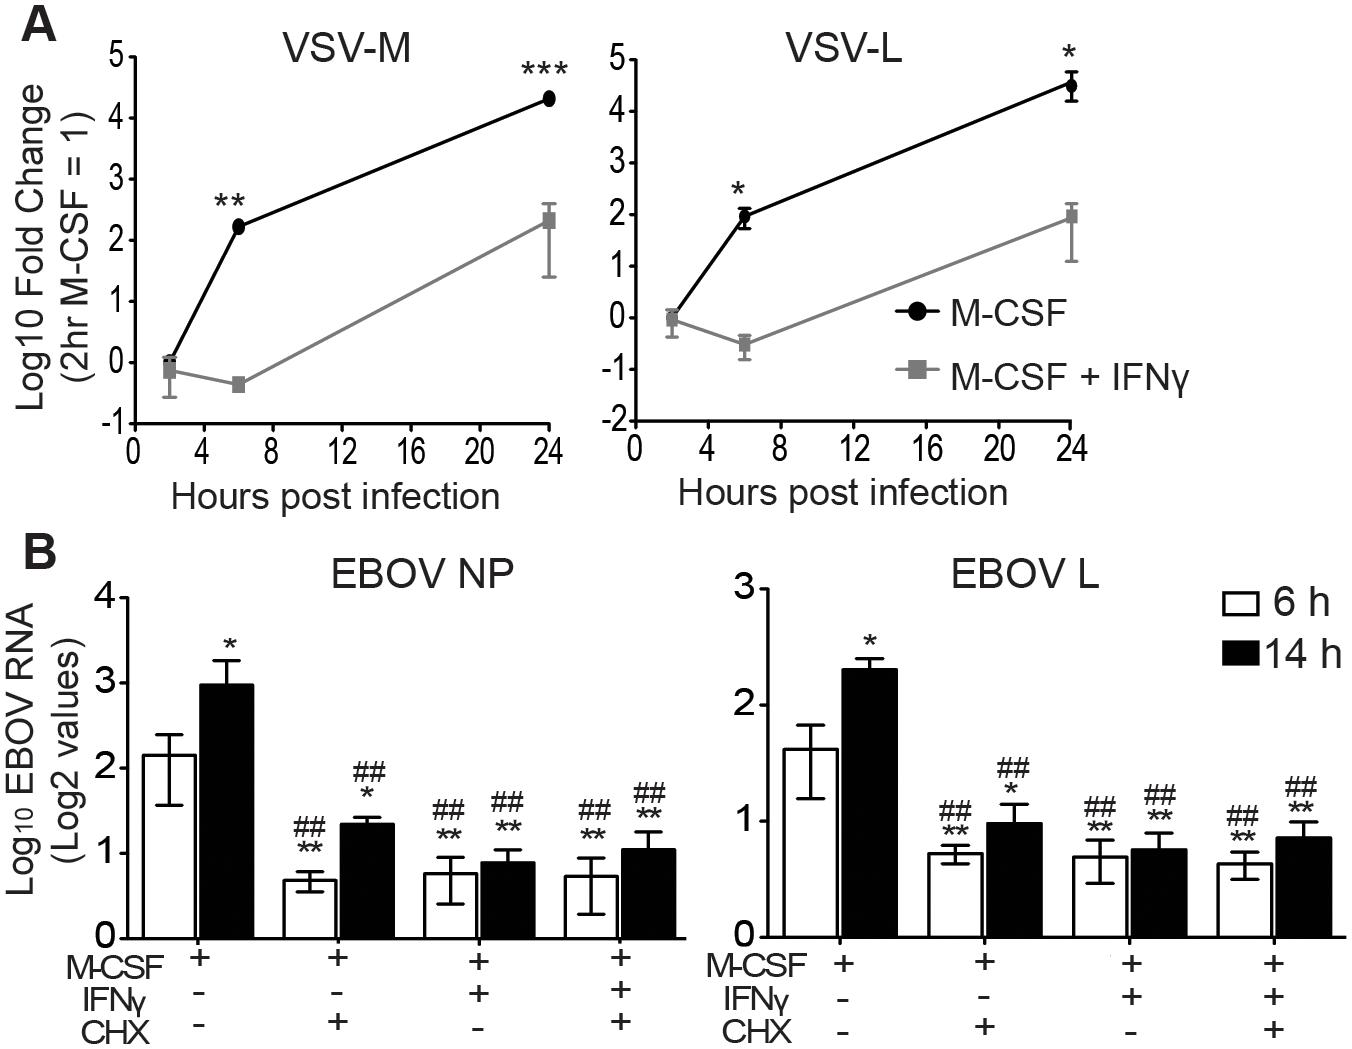 IFNγ blocks EBOV GP/rVSV and EBOV RNA synthesis.